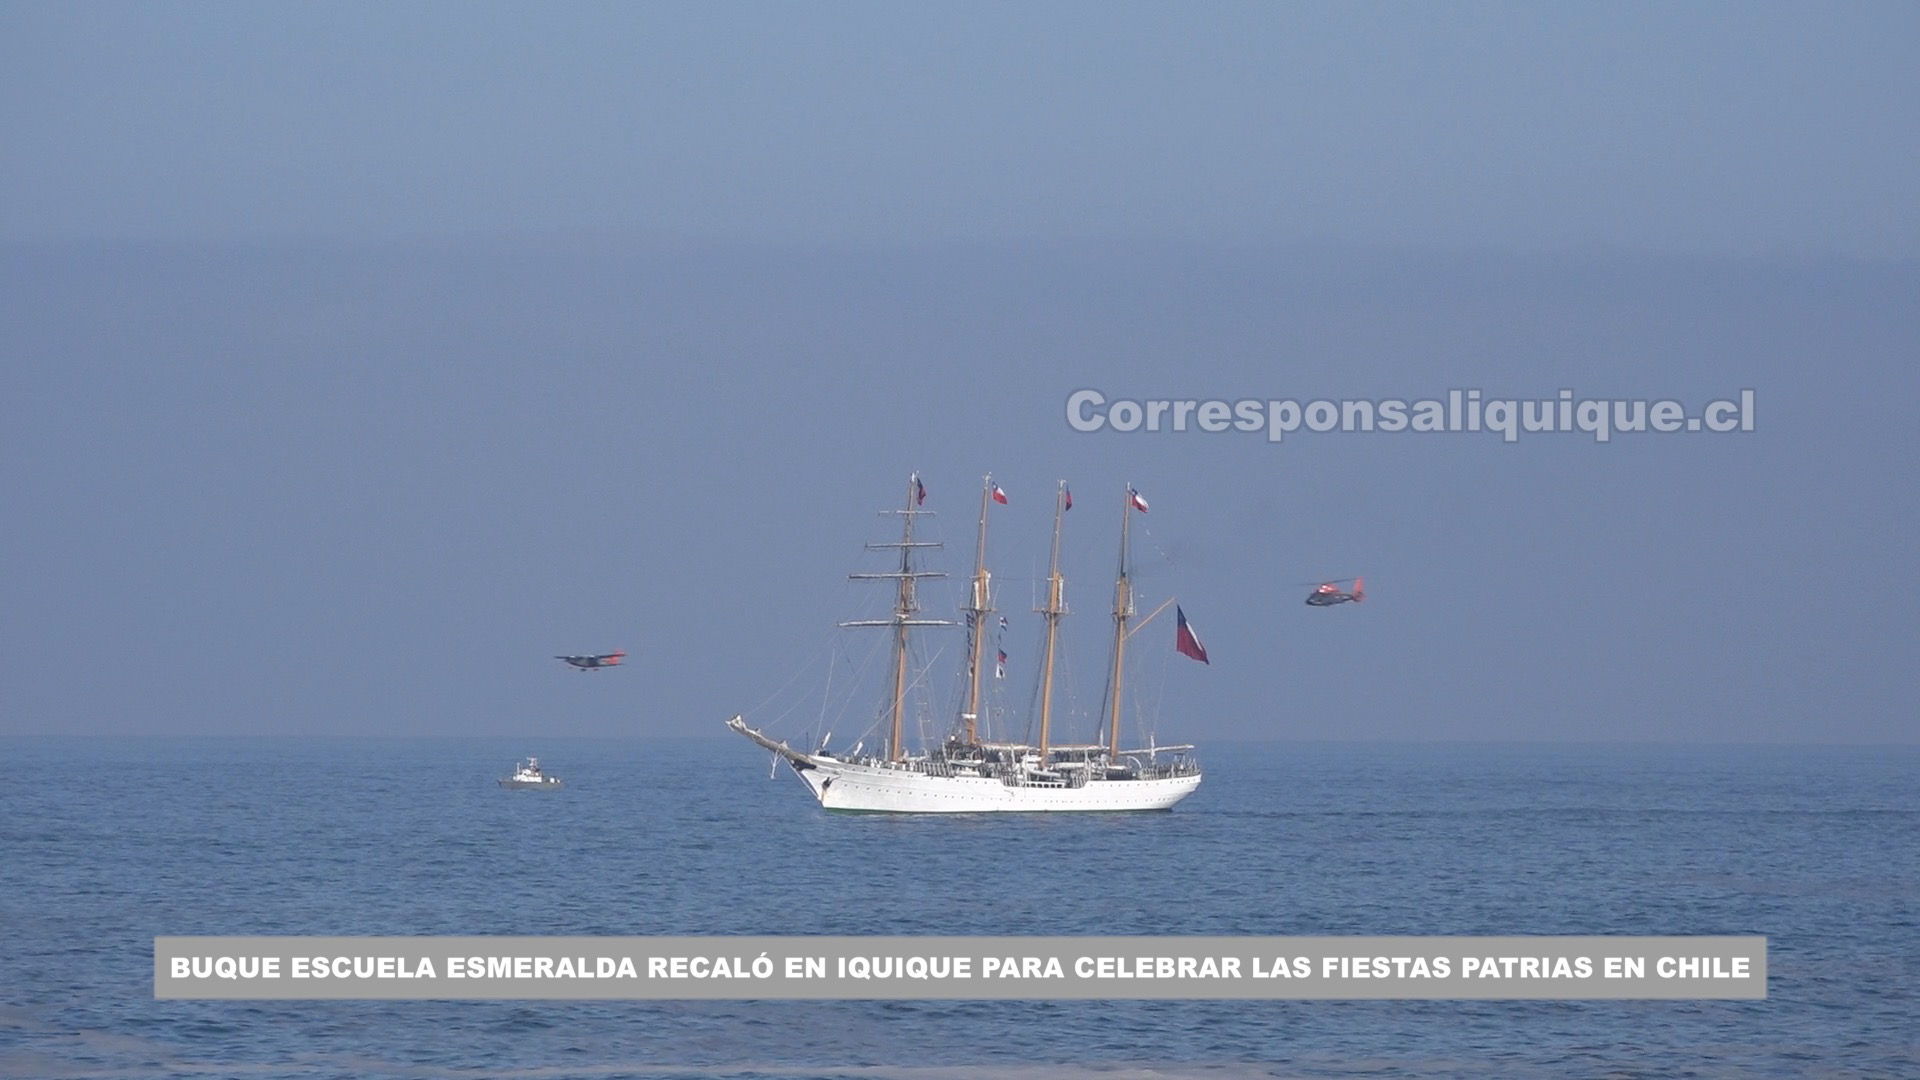 Photo of Buque Escuela Esmeralda recaló en Iquique para celebrar las Fiestas Patrias en Chile